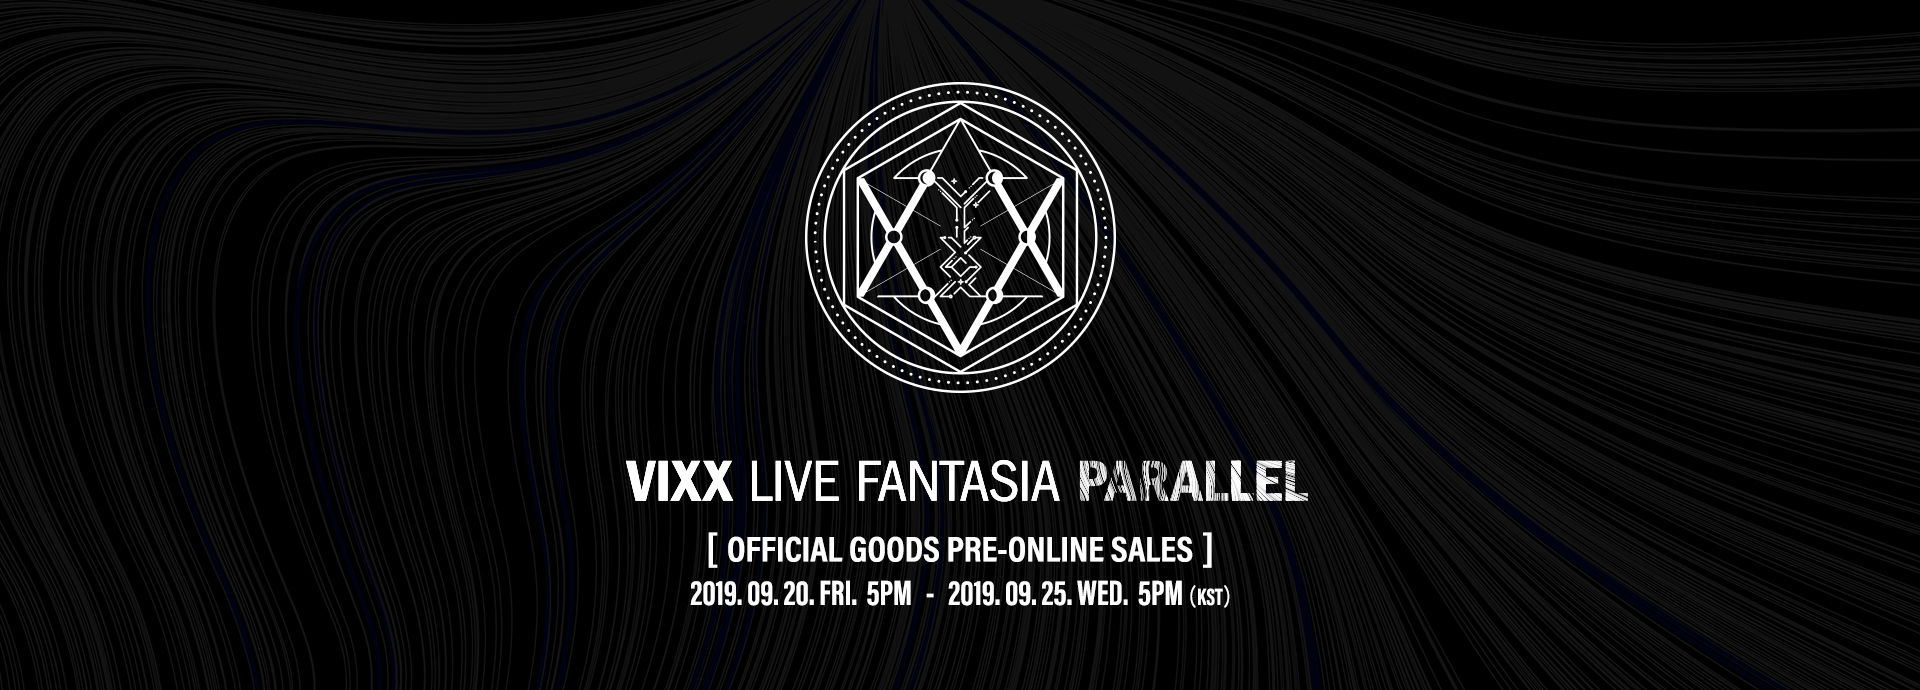 vixx officialgoods